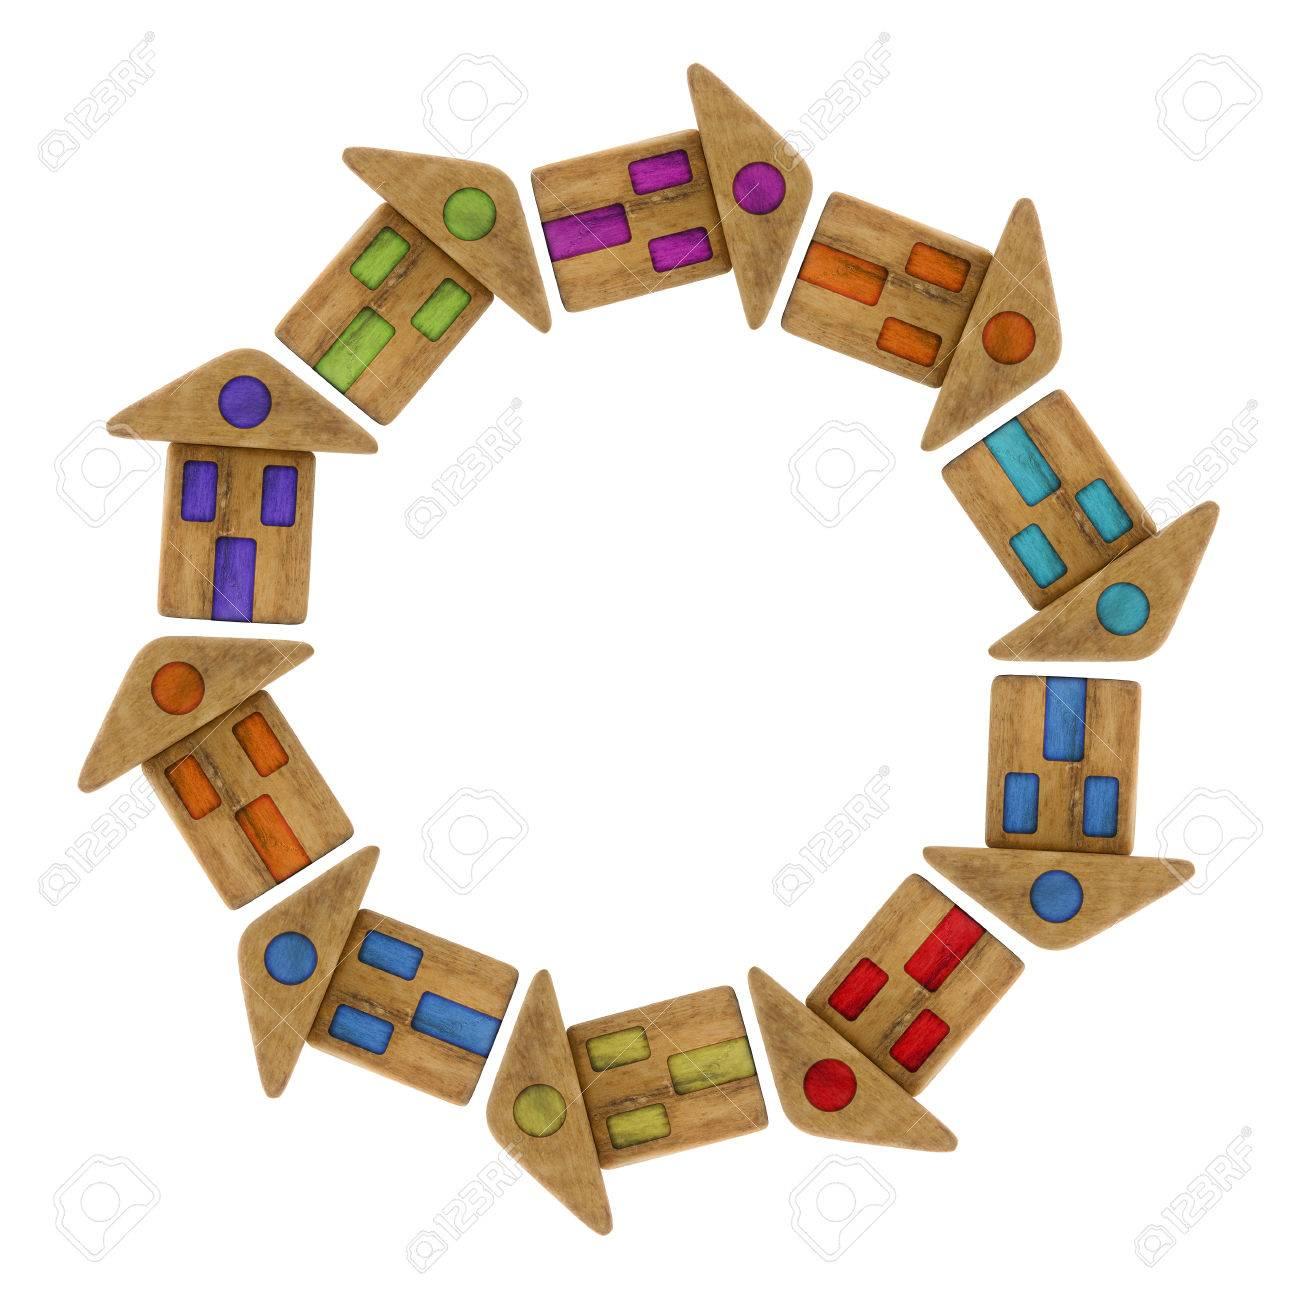 petites maisons en bois colorées autour d'un centre - image concept